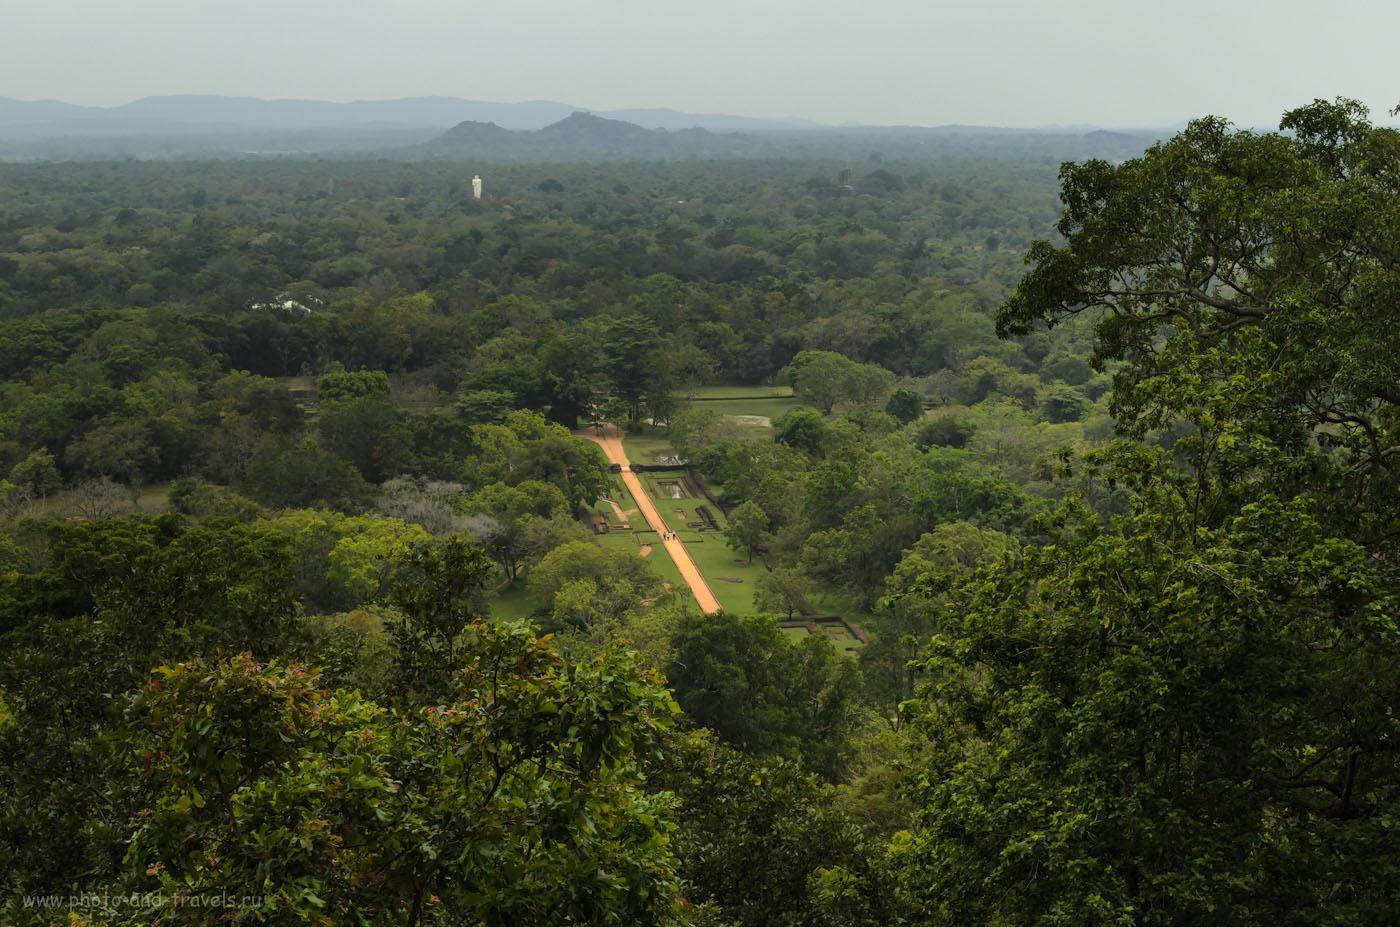 Фото 8. Поднимаясь на Львиную скалу вертикально вверх, вы не можете перевести дух... Не только от того, что запыхались, но и потому что вокруг - красотища!!! Отчеты туристов о поездке на гору Сигирия в Шри-Ланке.